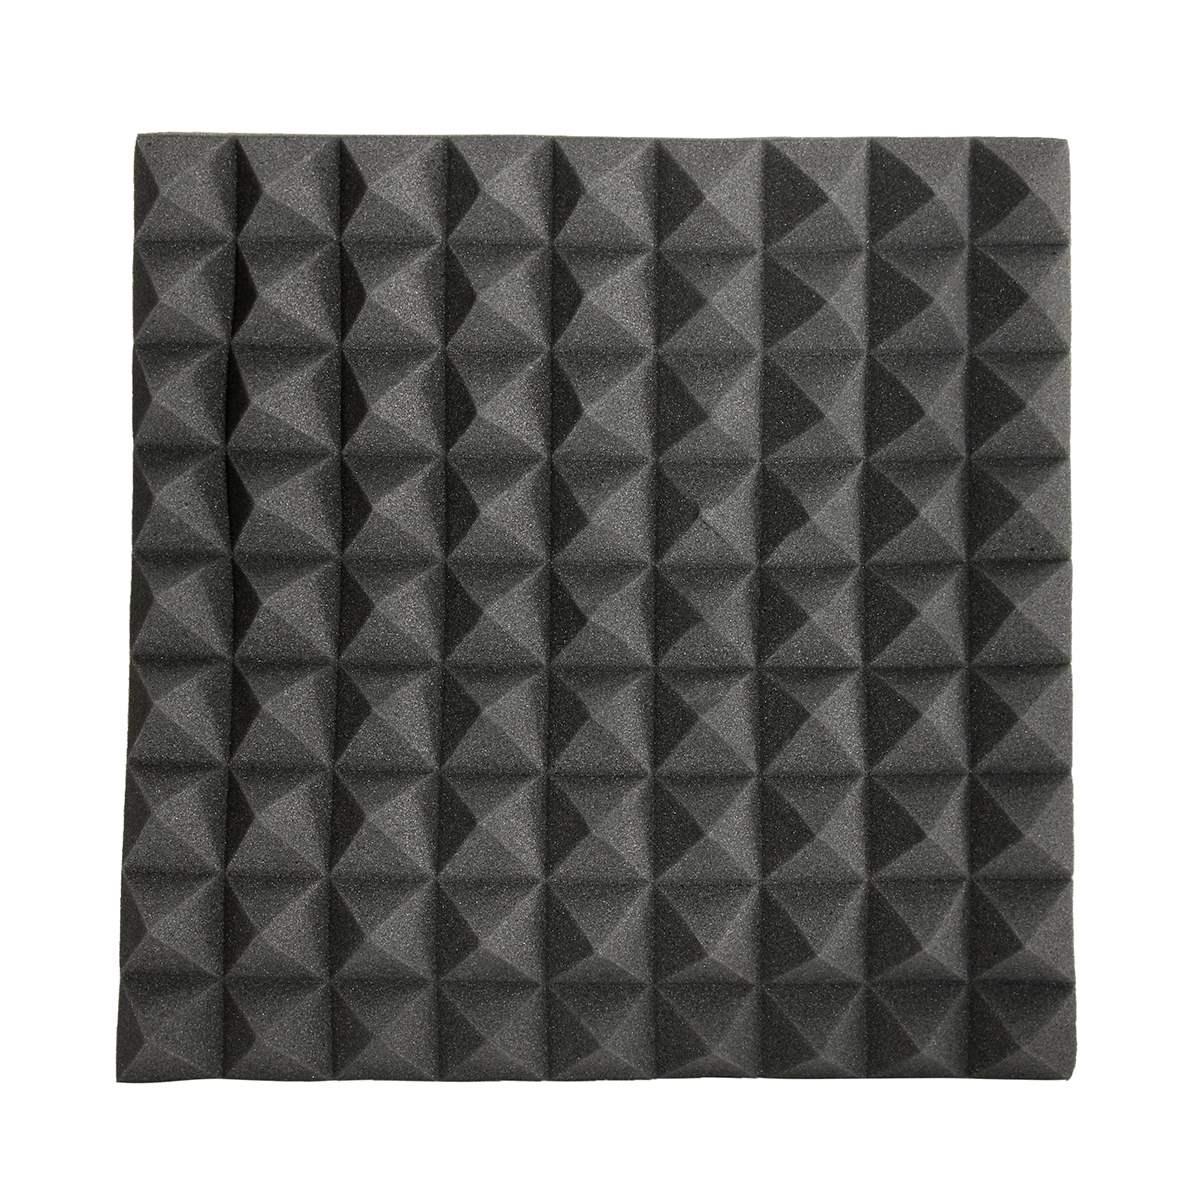 Newest 45x45x5cm soundproofing foam acoustic foam studio for Soundproof foam